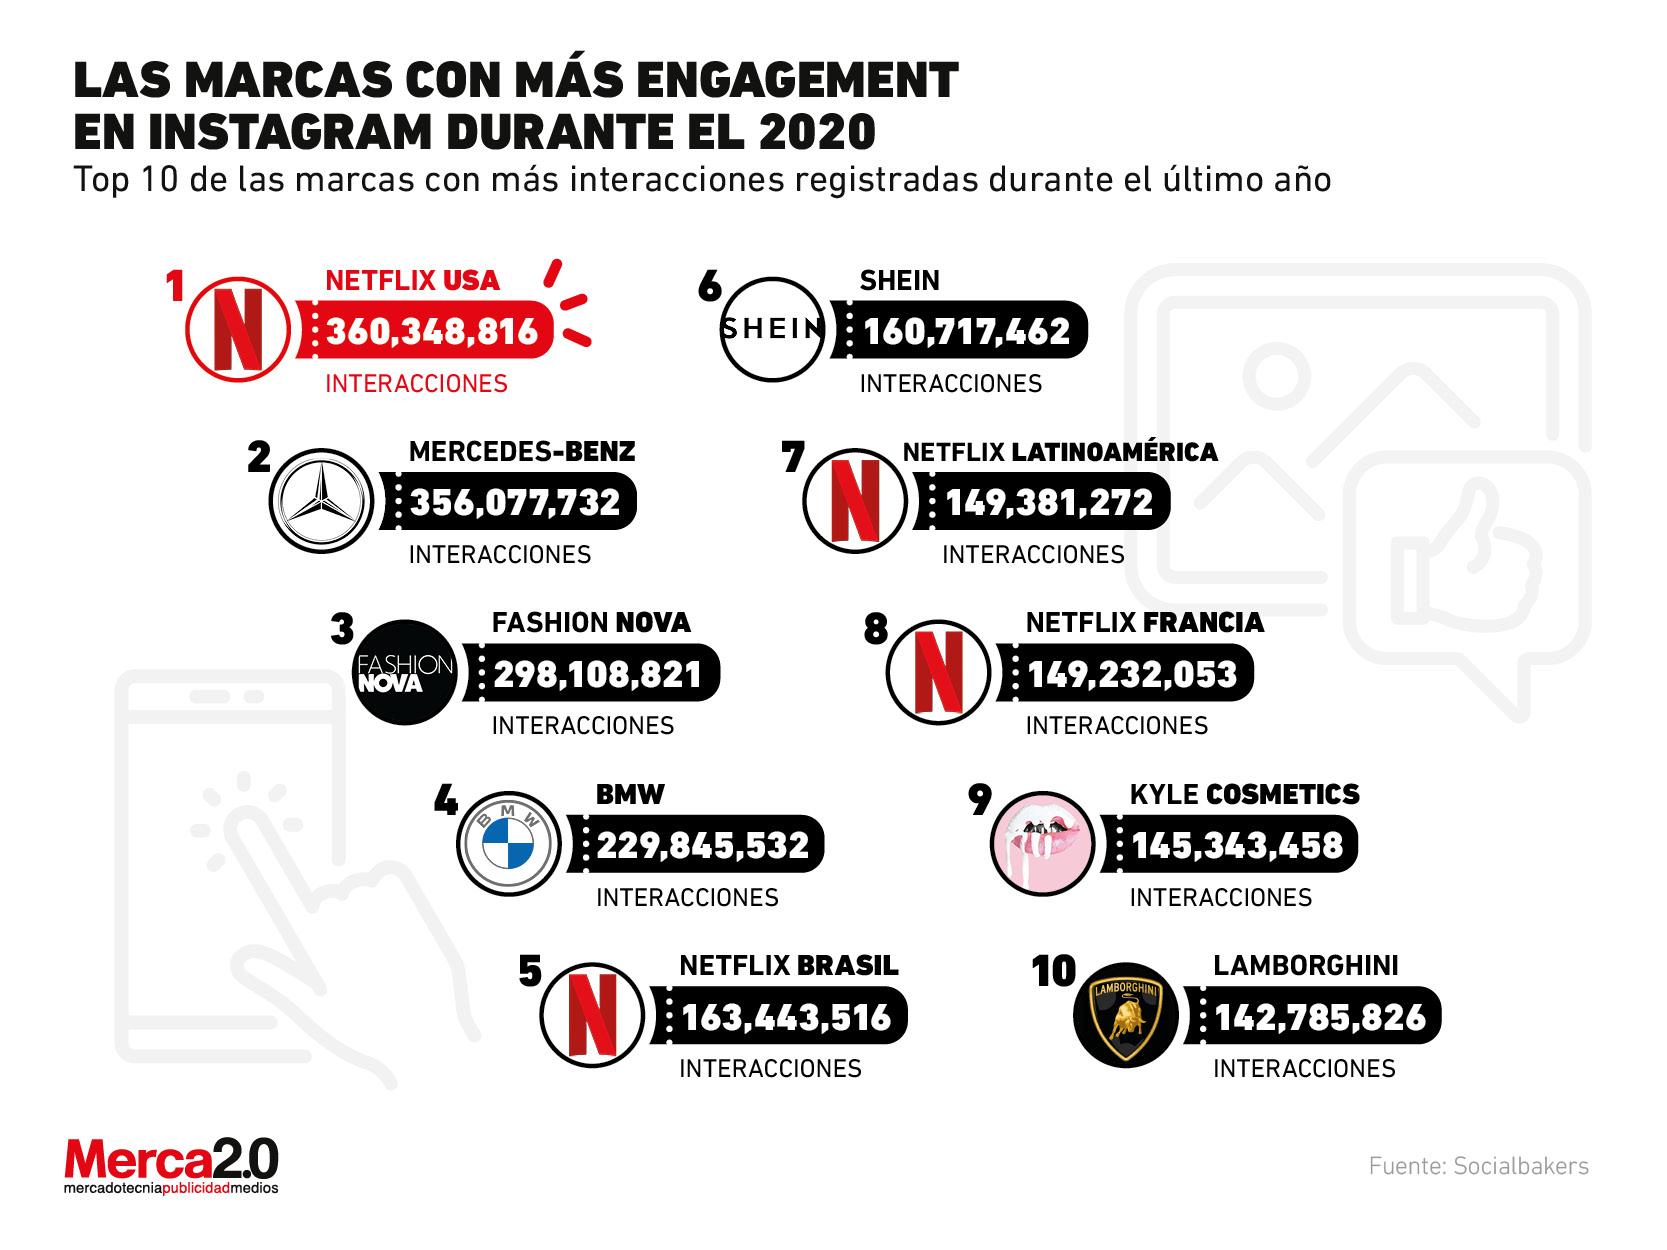 Estas son las marcas que tuvieron más engagement en Instagram en 2020